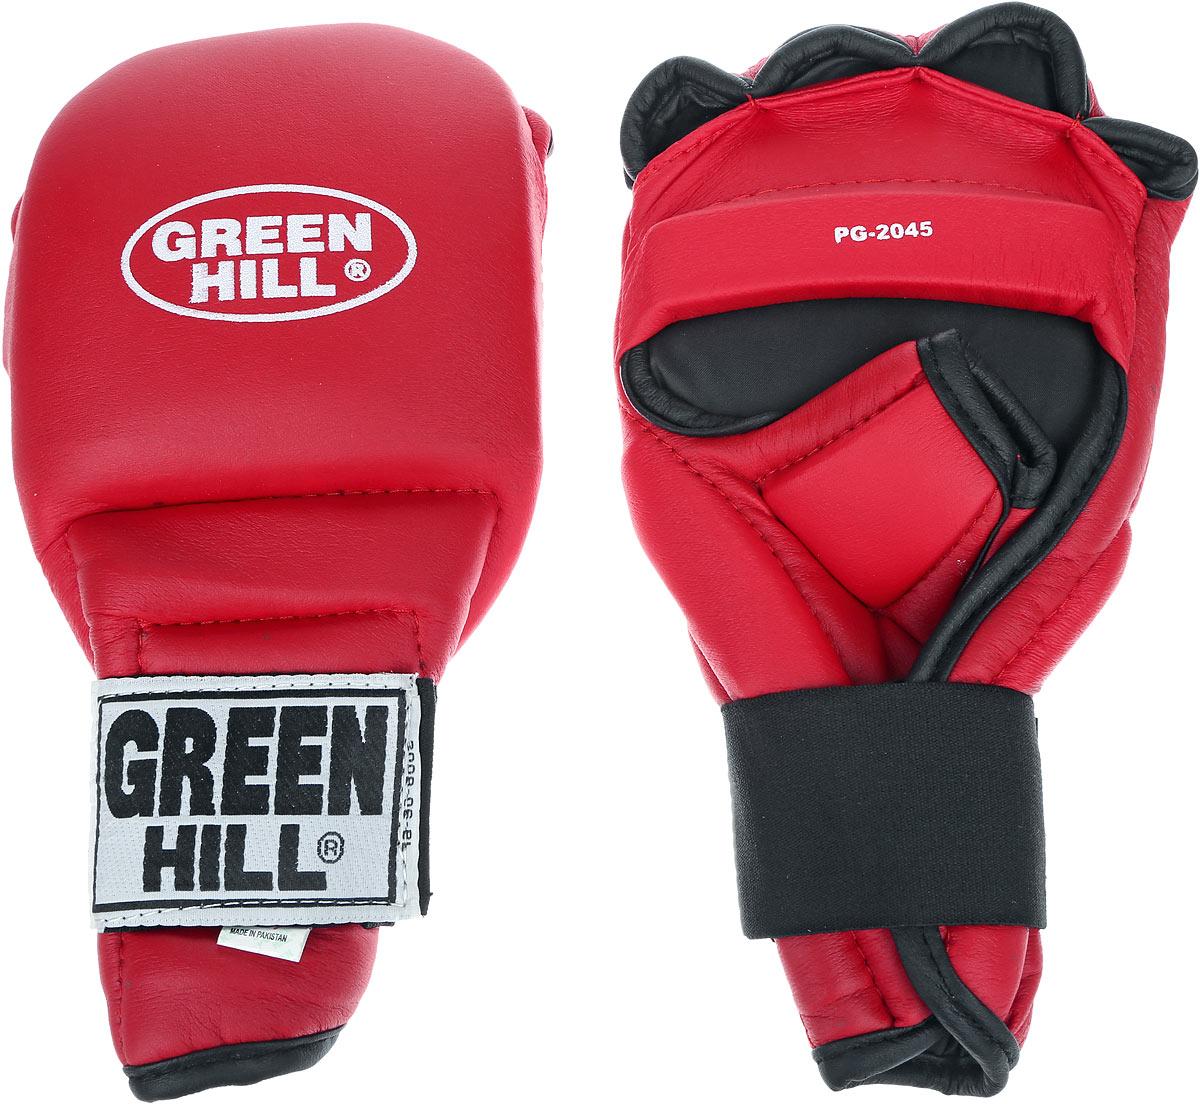 Перчатки для рукопашного боя Green Hill, цвет: красный, черный. Размер L. PG-2045PG-2045Перчатки для рукопашного боя Green Hill произведены из высококачественной искусственной кожи. Подойдут для занятий кунг-фу. Конструкция предусматривает открытые пальцы - необходимый атрибут для проведения захватов. Манжеты на липучках позволяют быстро снимать и надевать перчатки без каких-либо неудобств. Анатомическая посадка предохраняет руки от повреждений.